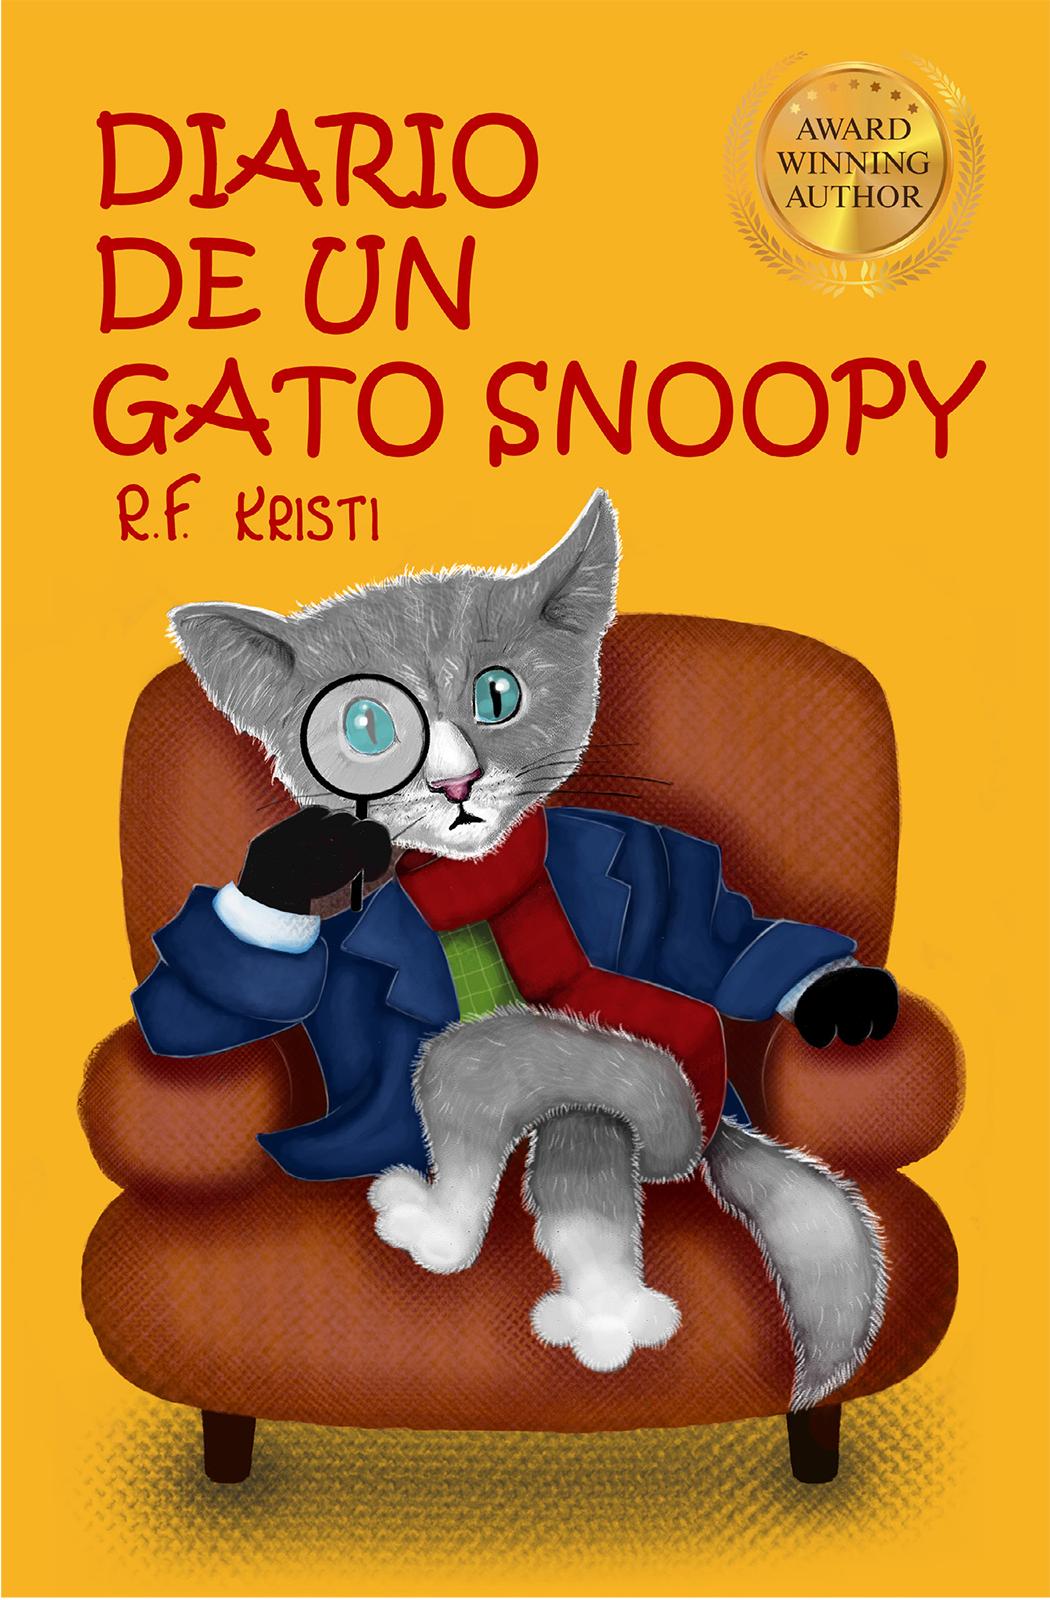 R.F. Kristi Diario De Un Gato Snoopy